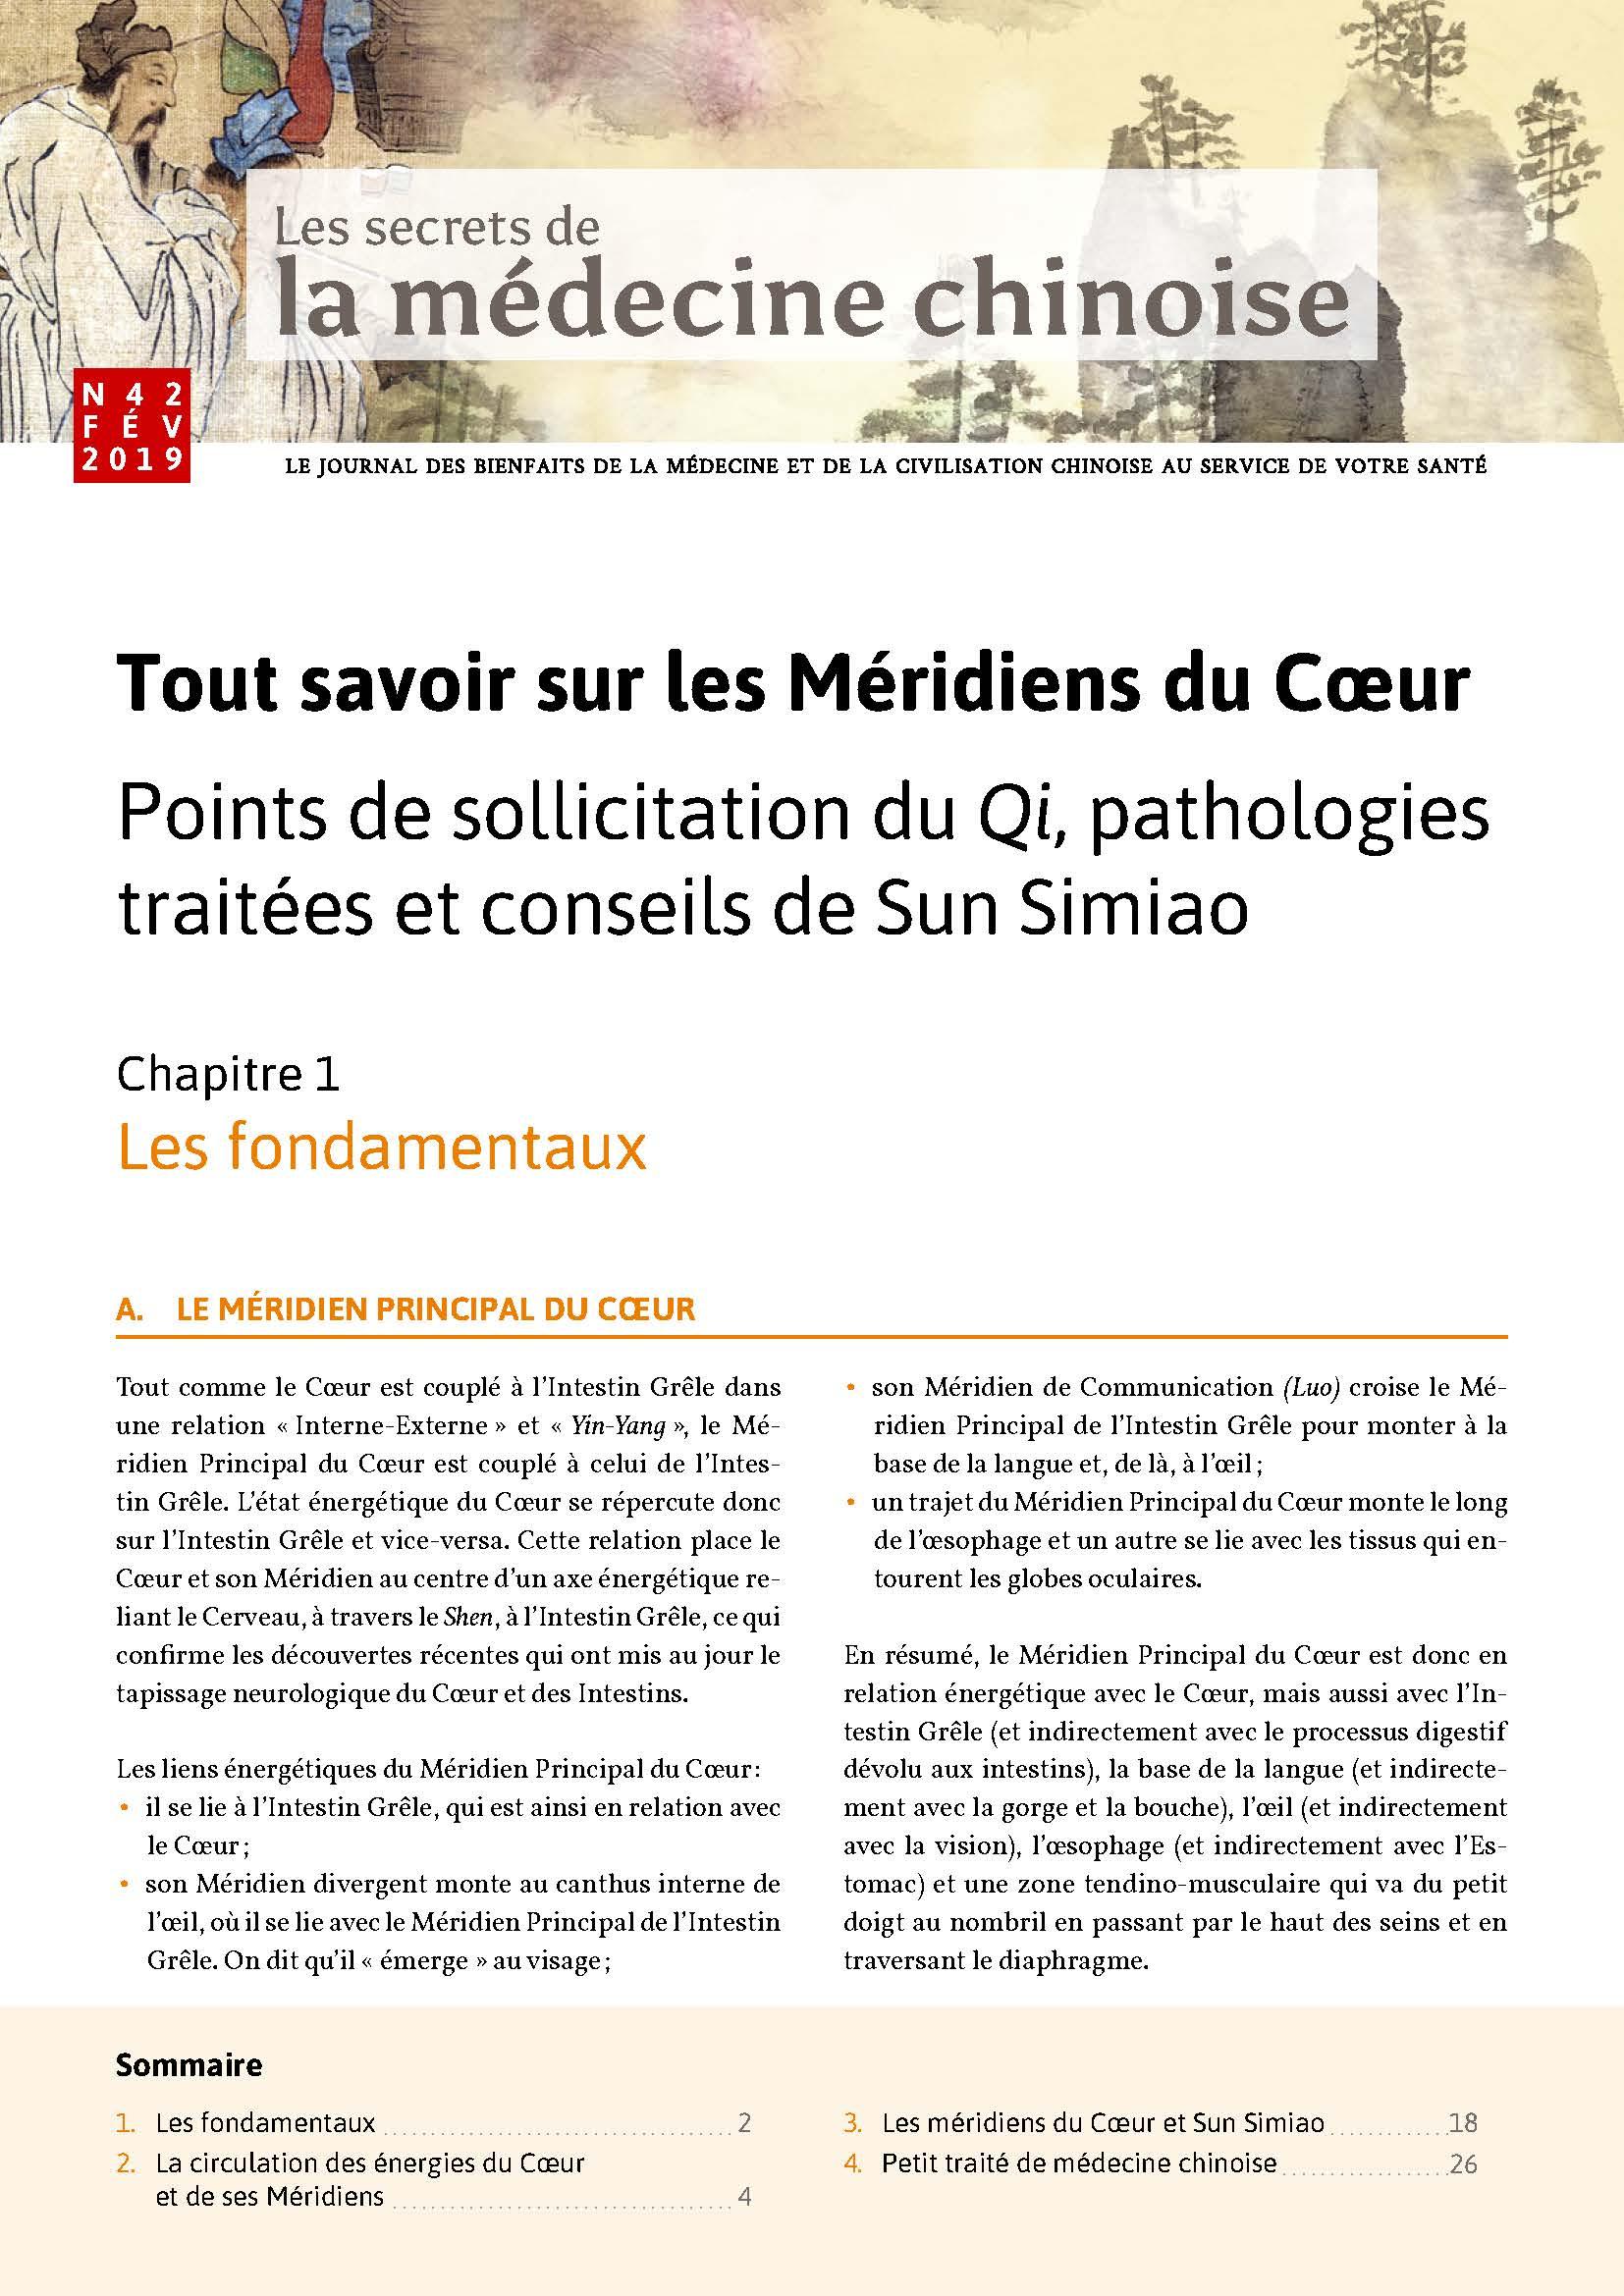 42-Fevrier-2019-Tout-savoir-sur-les-meridiens-du-coeur-SD